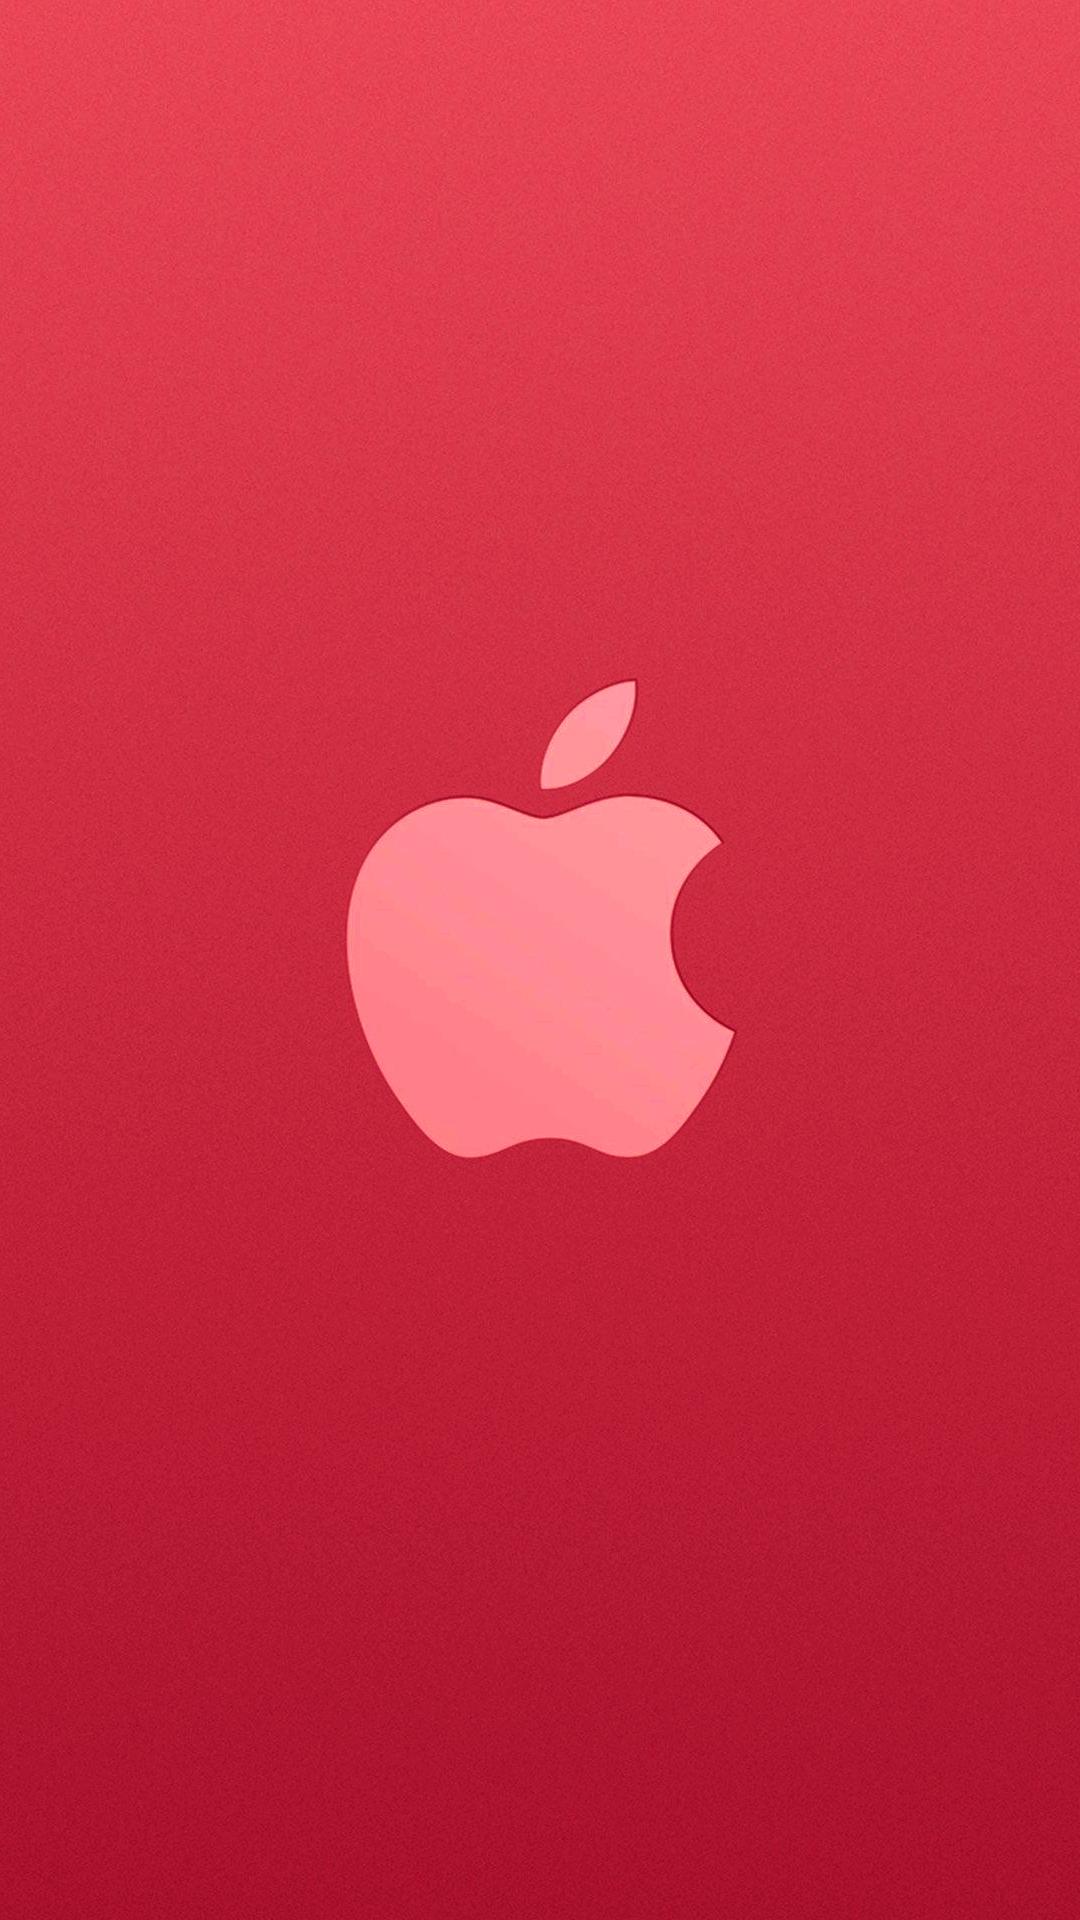 Chia sẻ bộ ảnh nền dành cho iPhone, bao gồm ảnh nền macOS Mojave